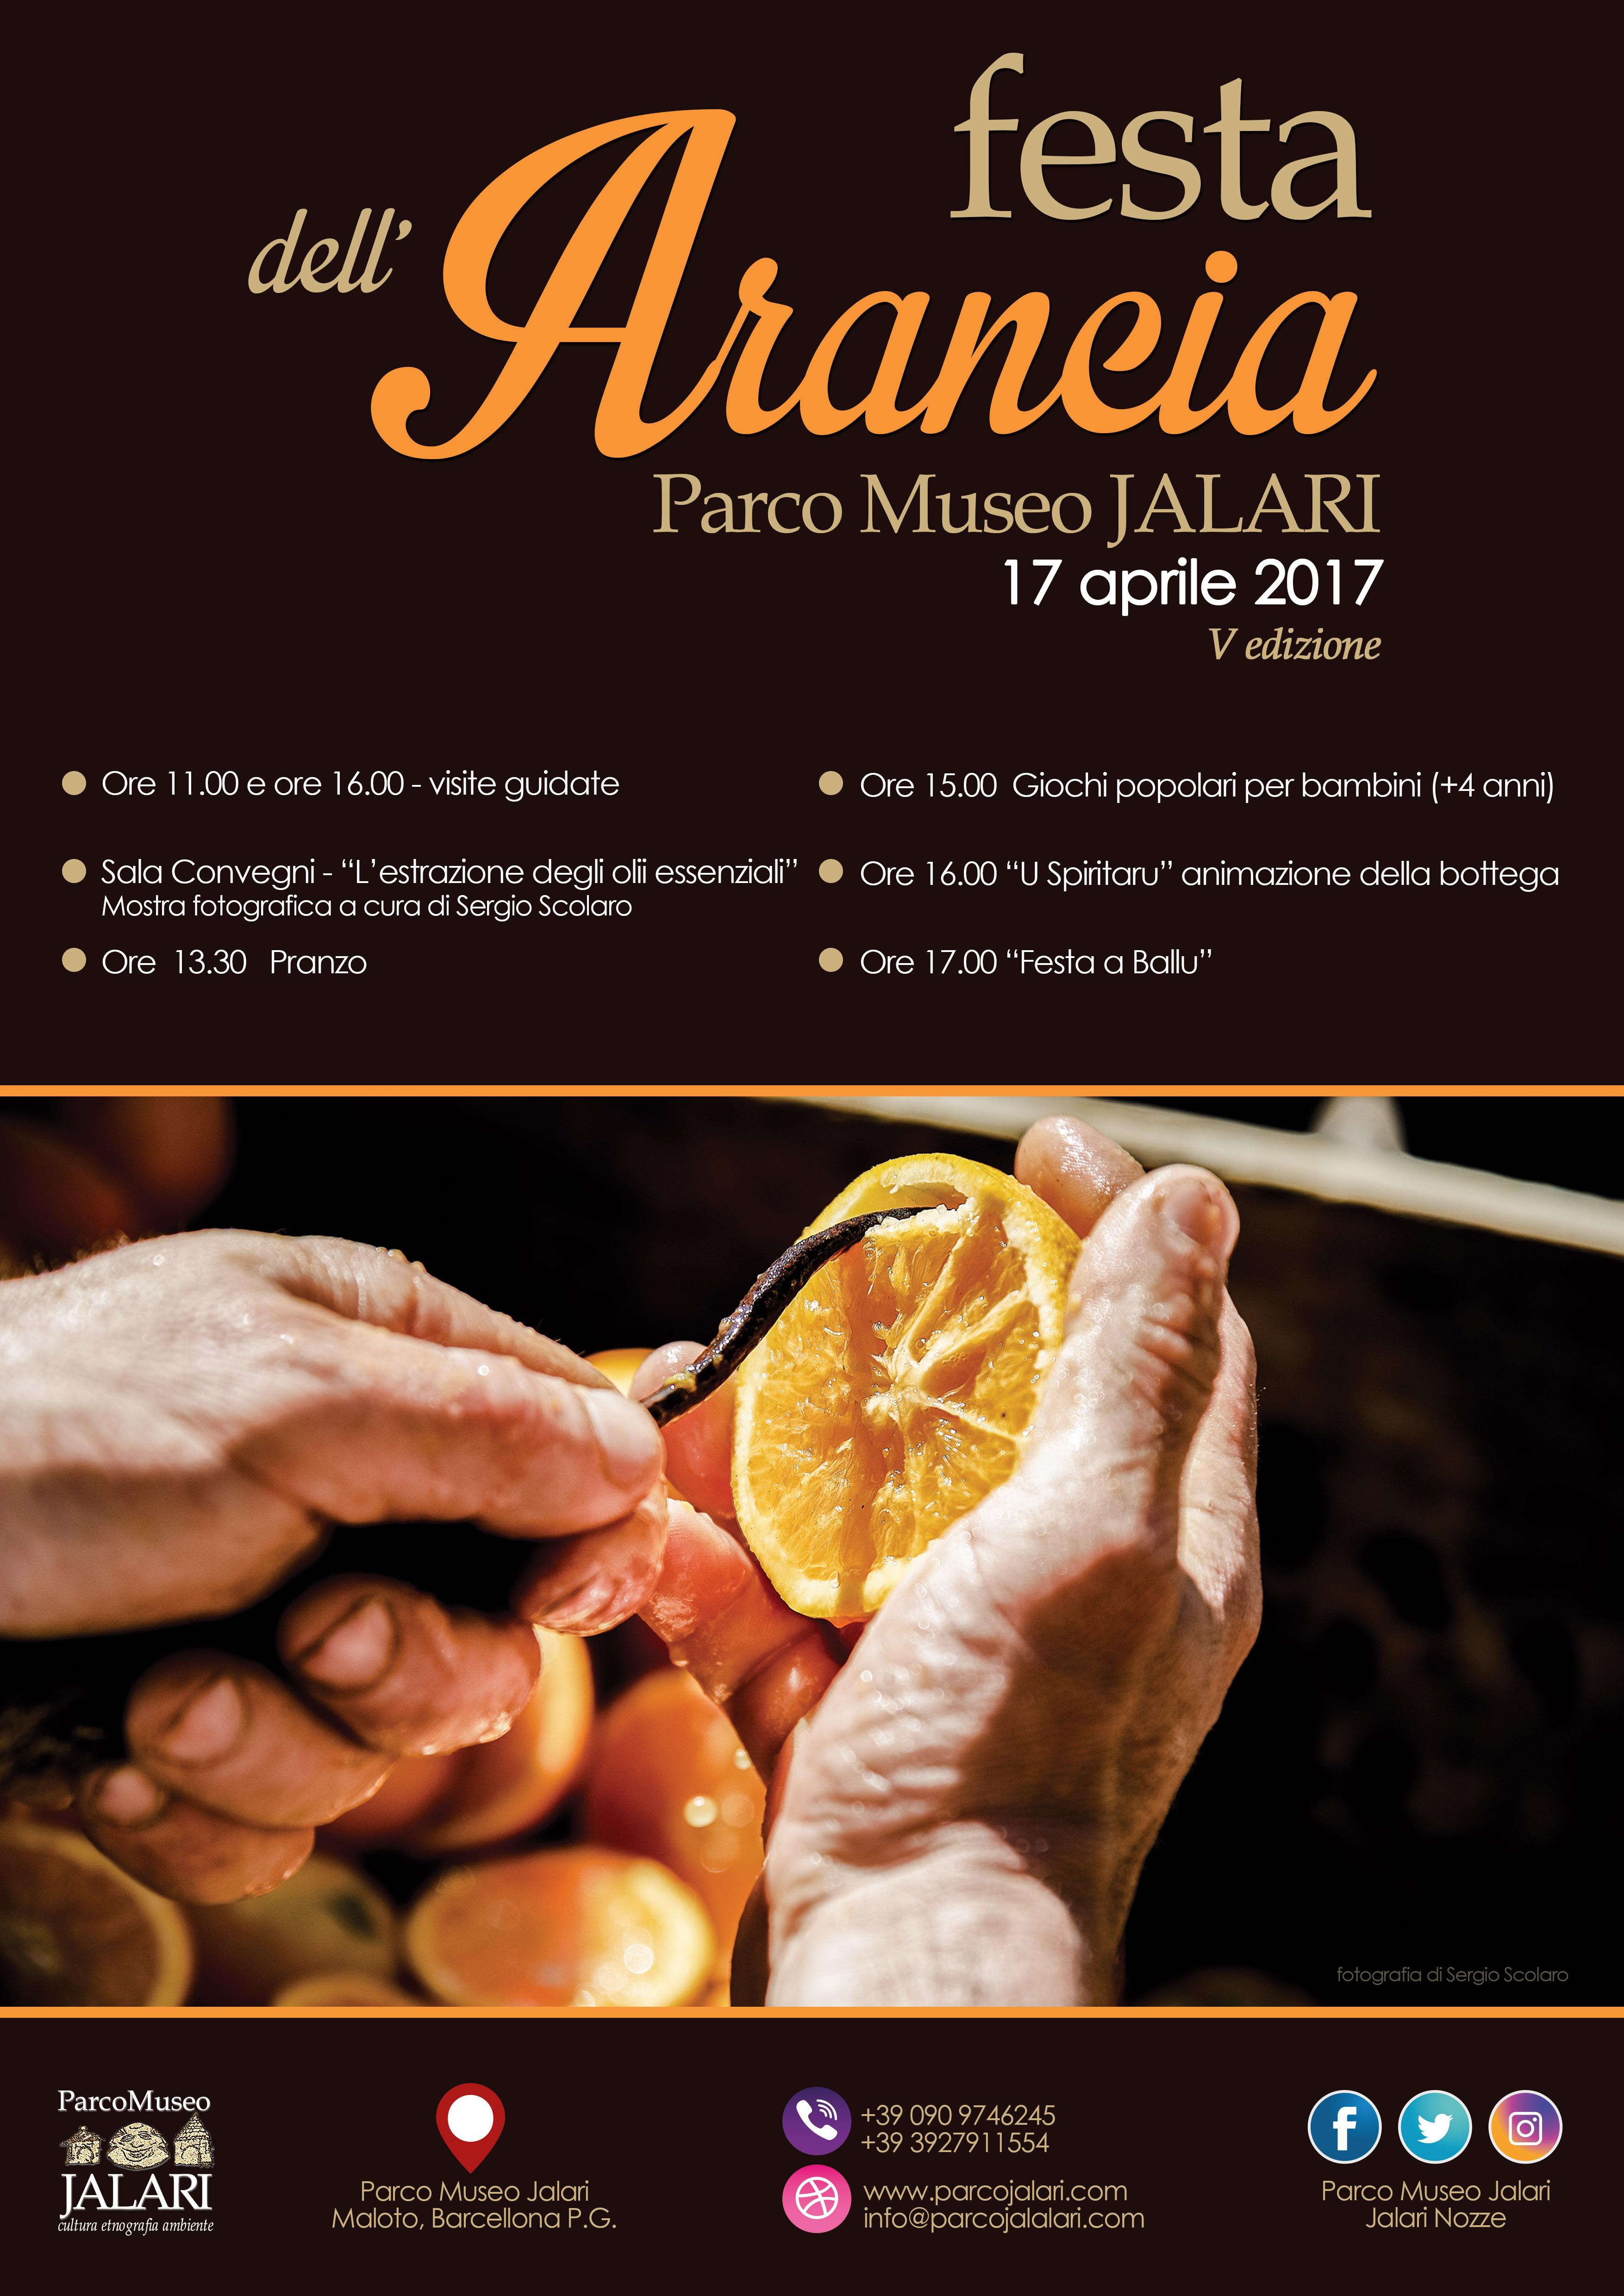 Pasquetta 2017 e Festa dell'Arancia 2017 Parco Museo Jalari